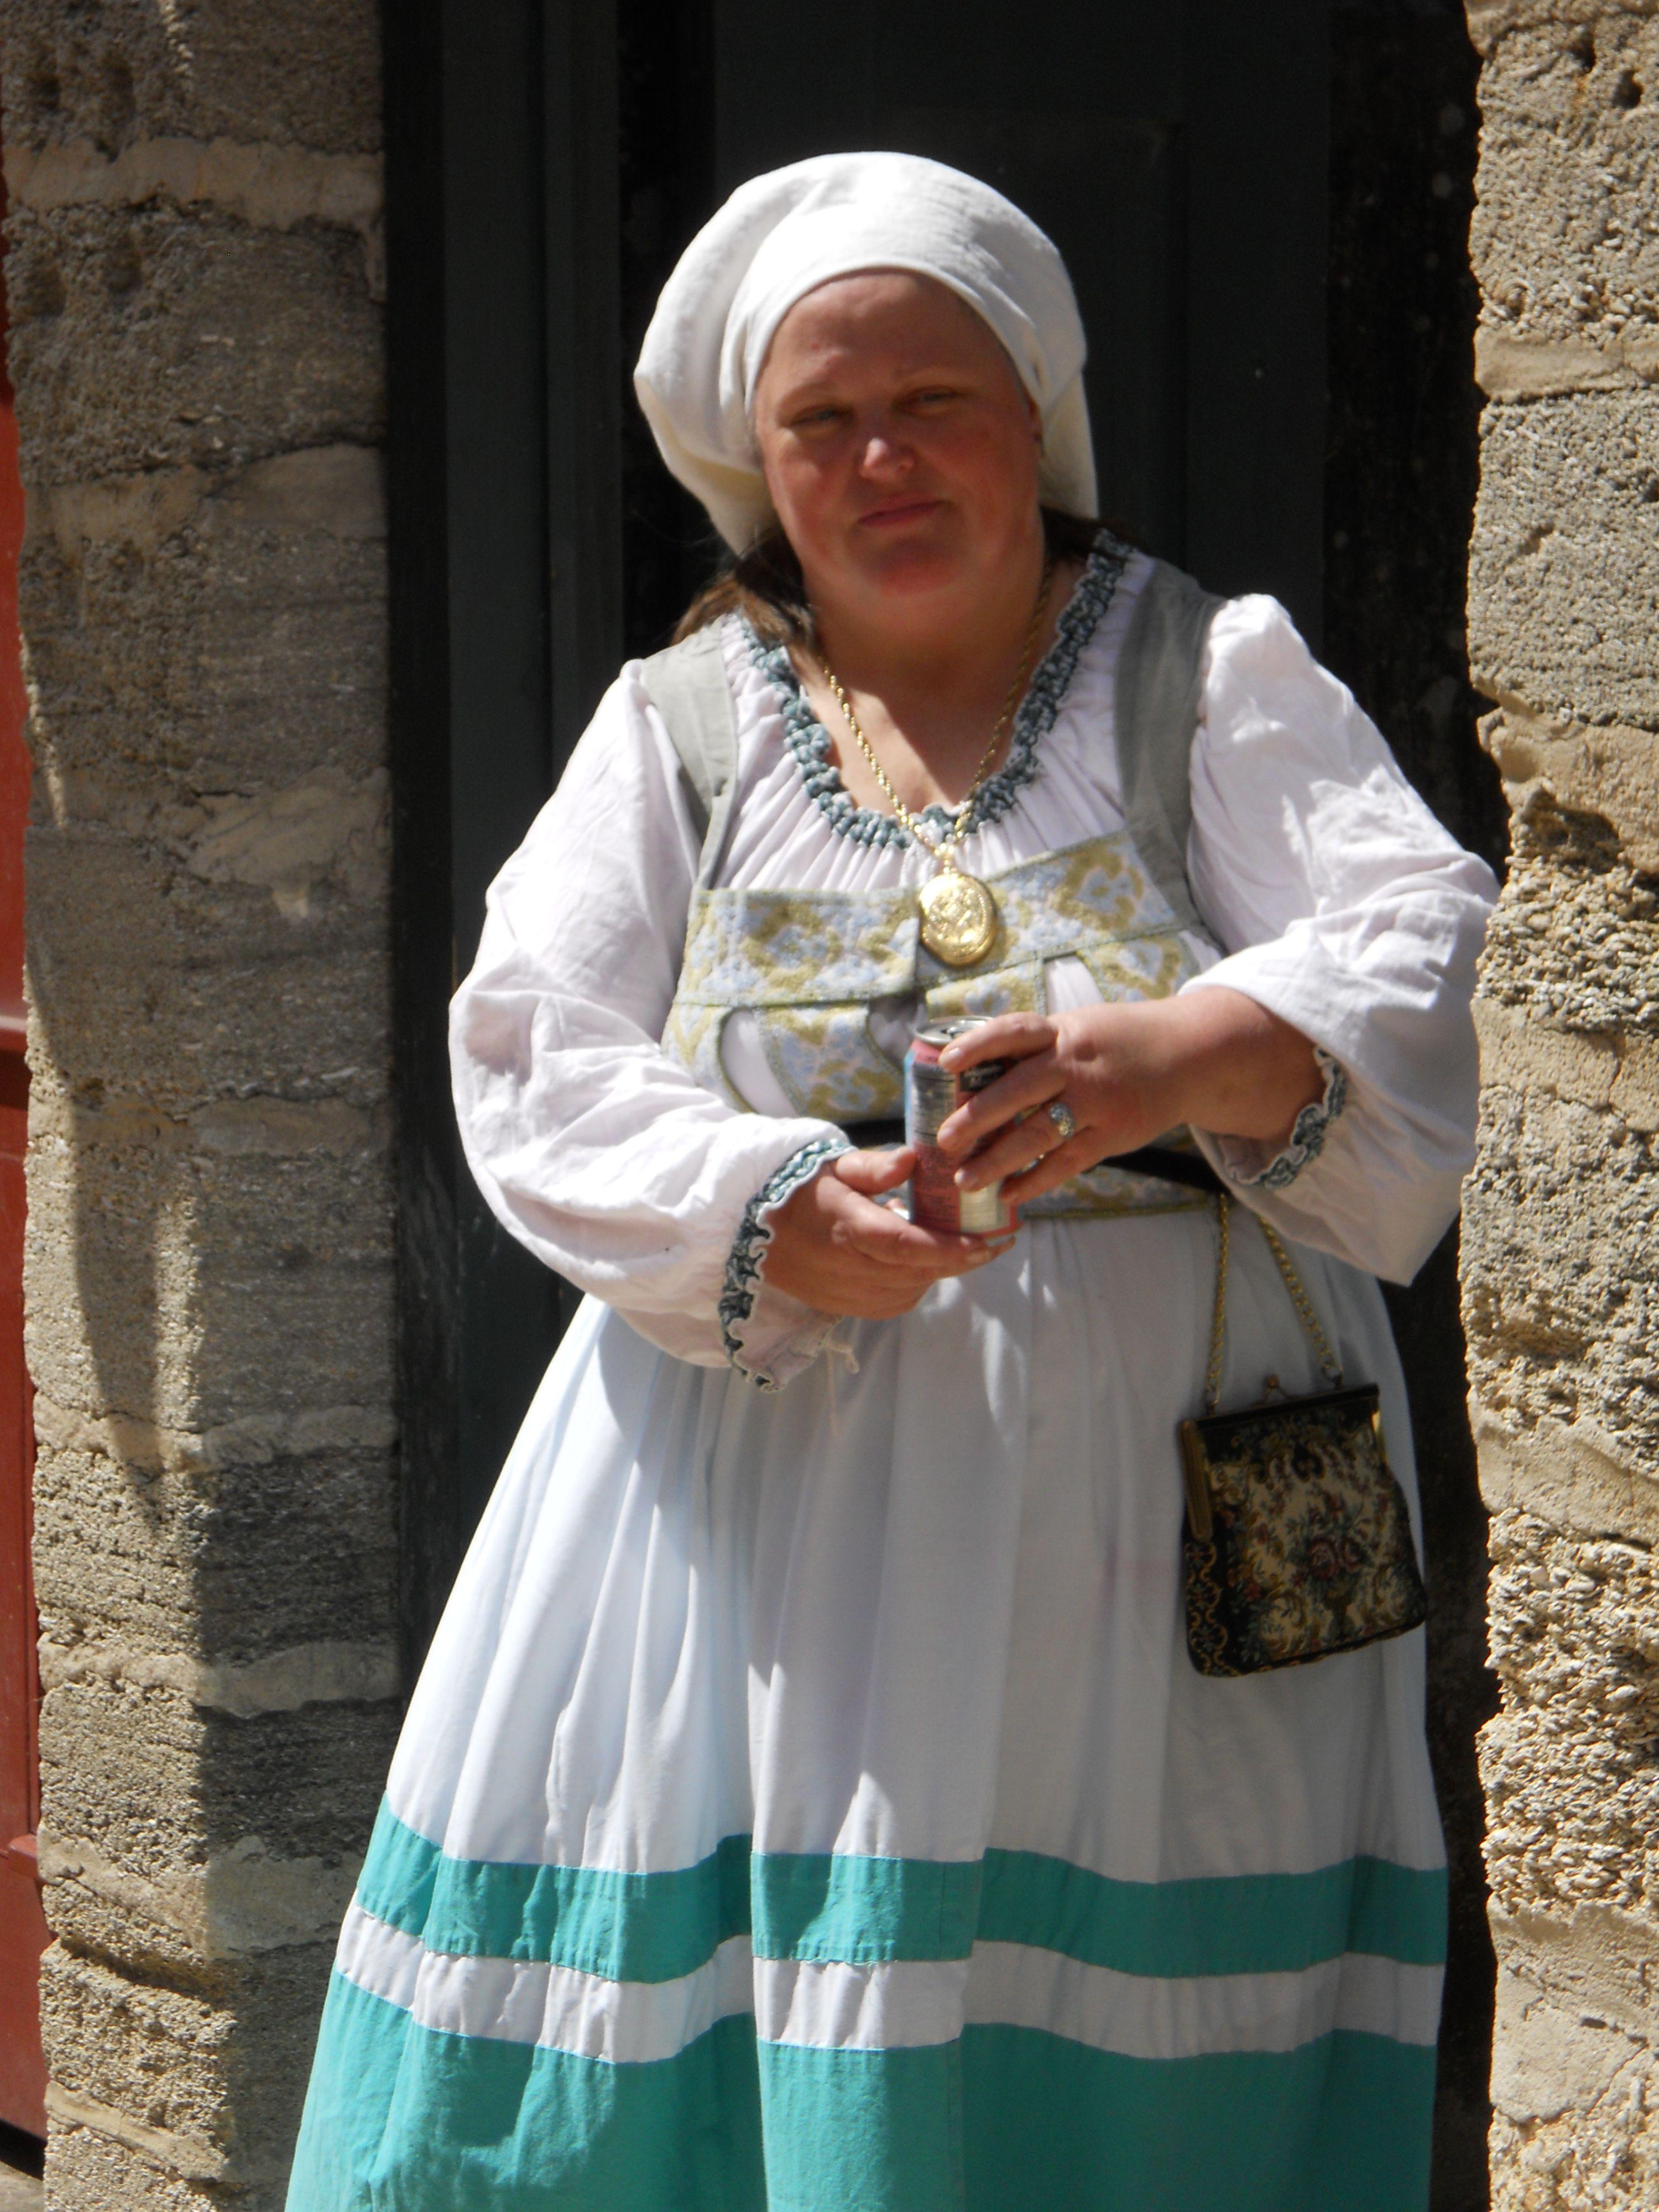 Lady on St. George Street